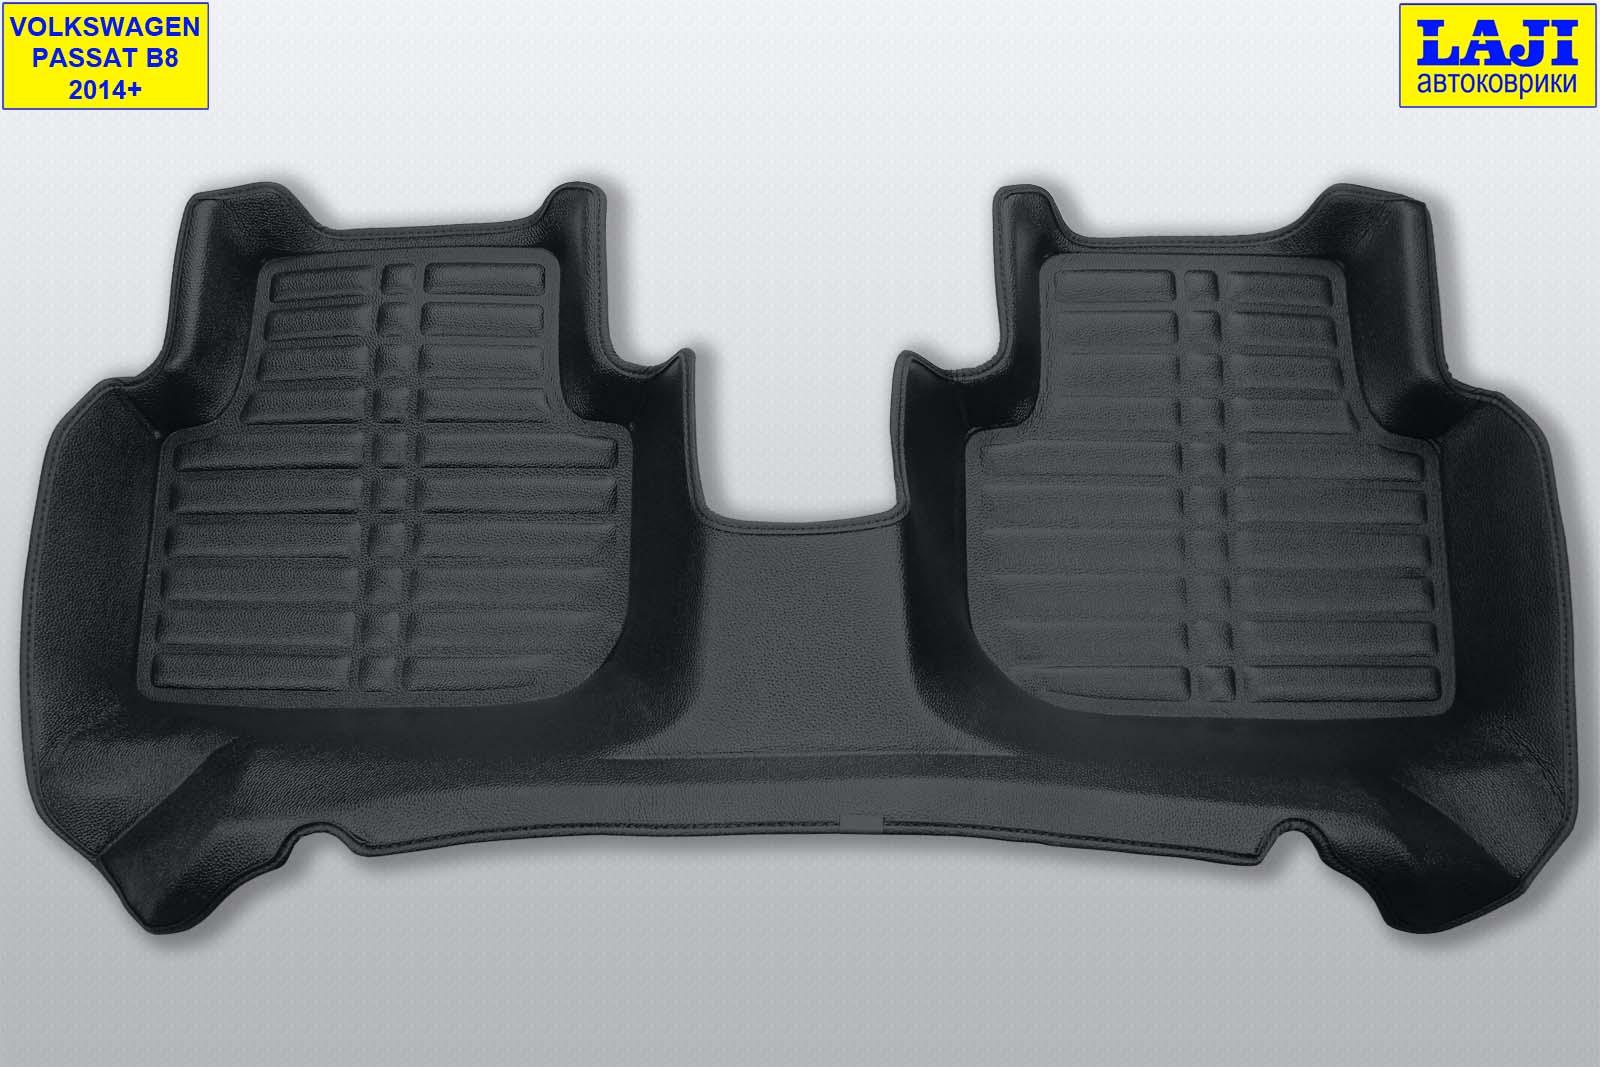 5D коврики в салон Volkswagen Passat B8 2014-н.в. 10